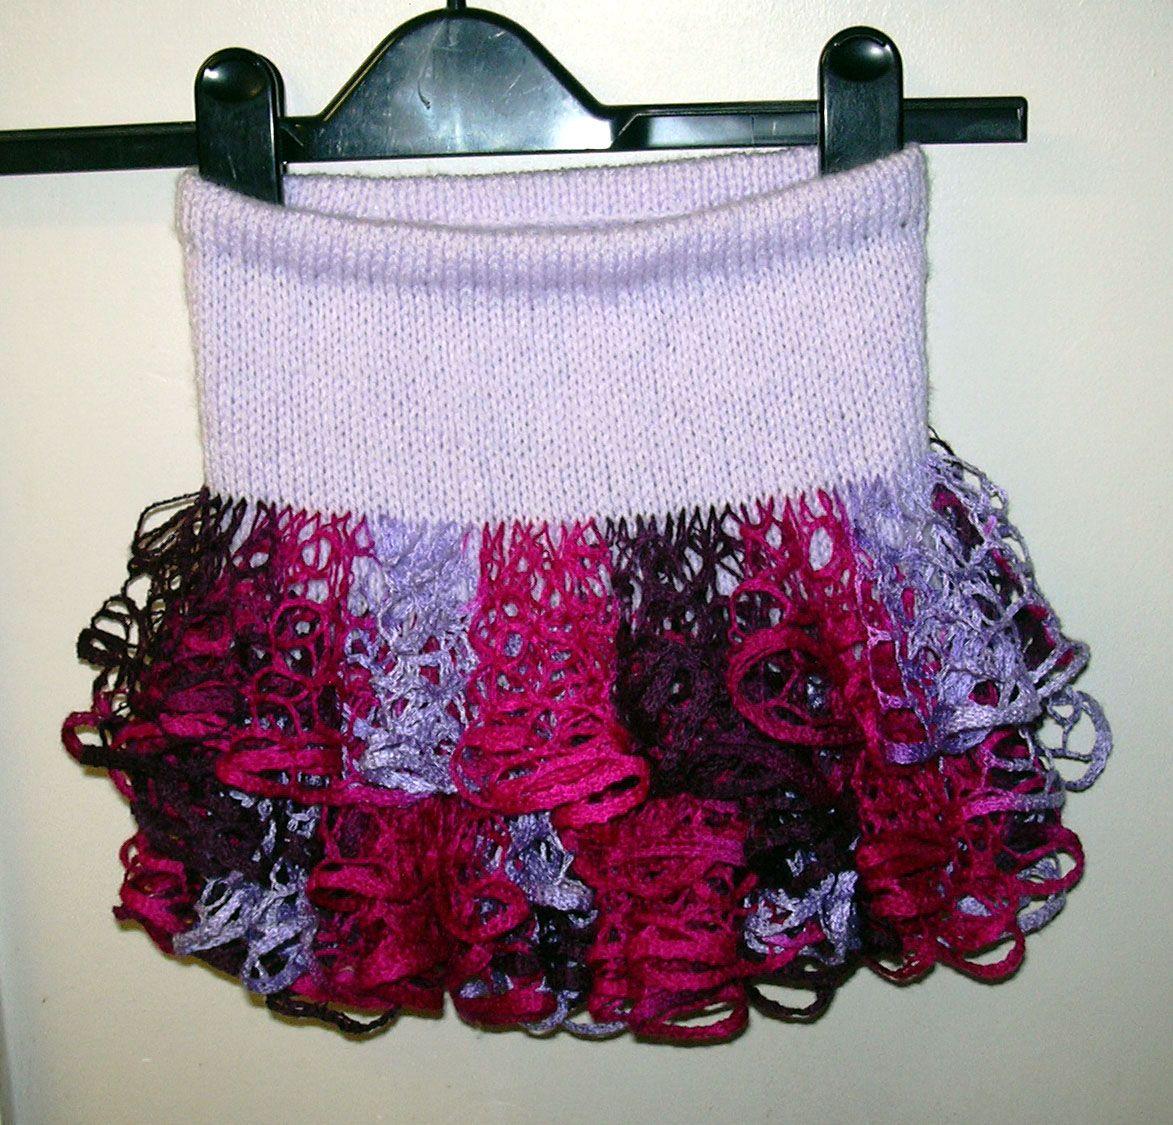 Starbella ruffle scarf crochet pattern here is the free pattern starbella ruffle scarf crochet pattern here is the free pattern for anybody who fancies a dt1010fo